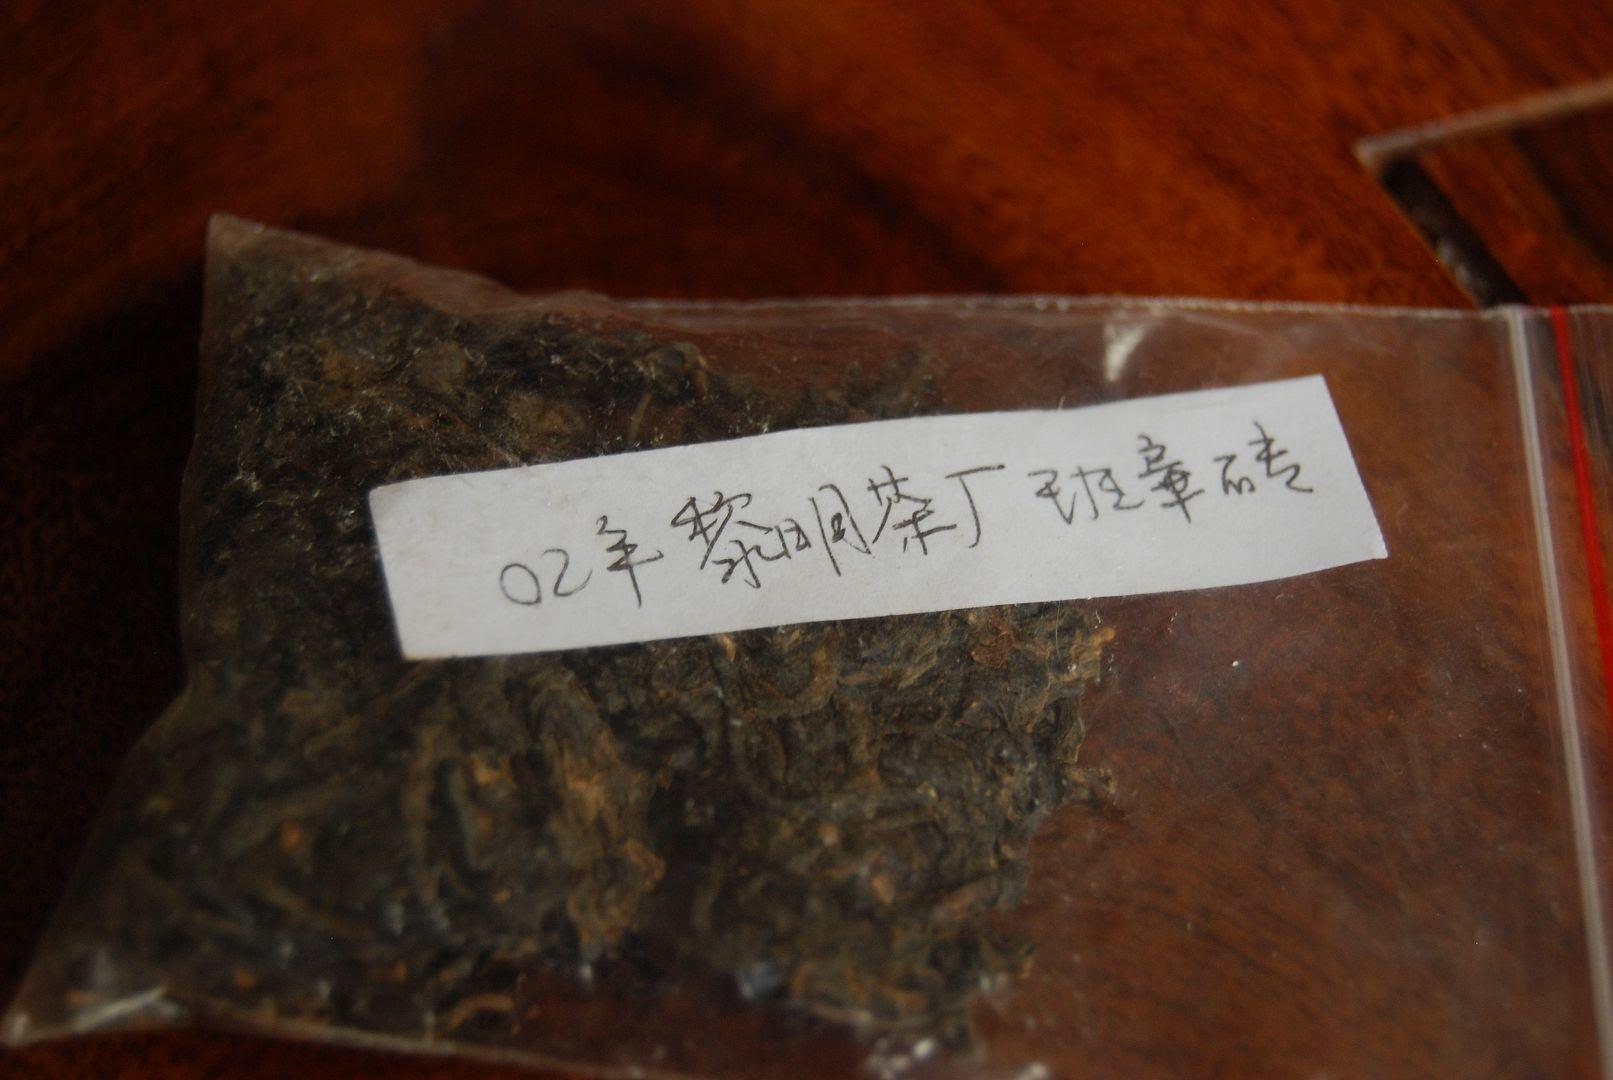 2002 Liming Banzhang Zhuancha